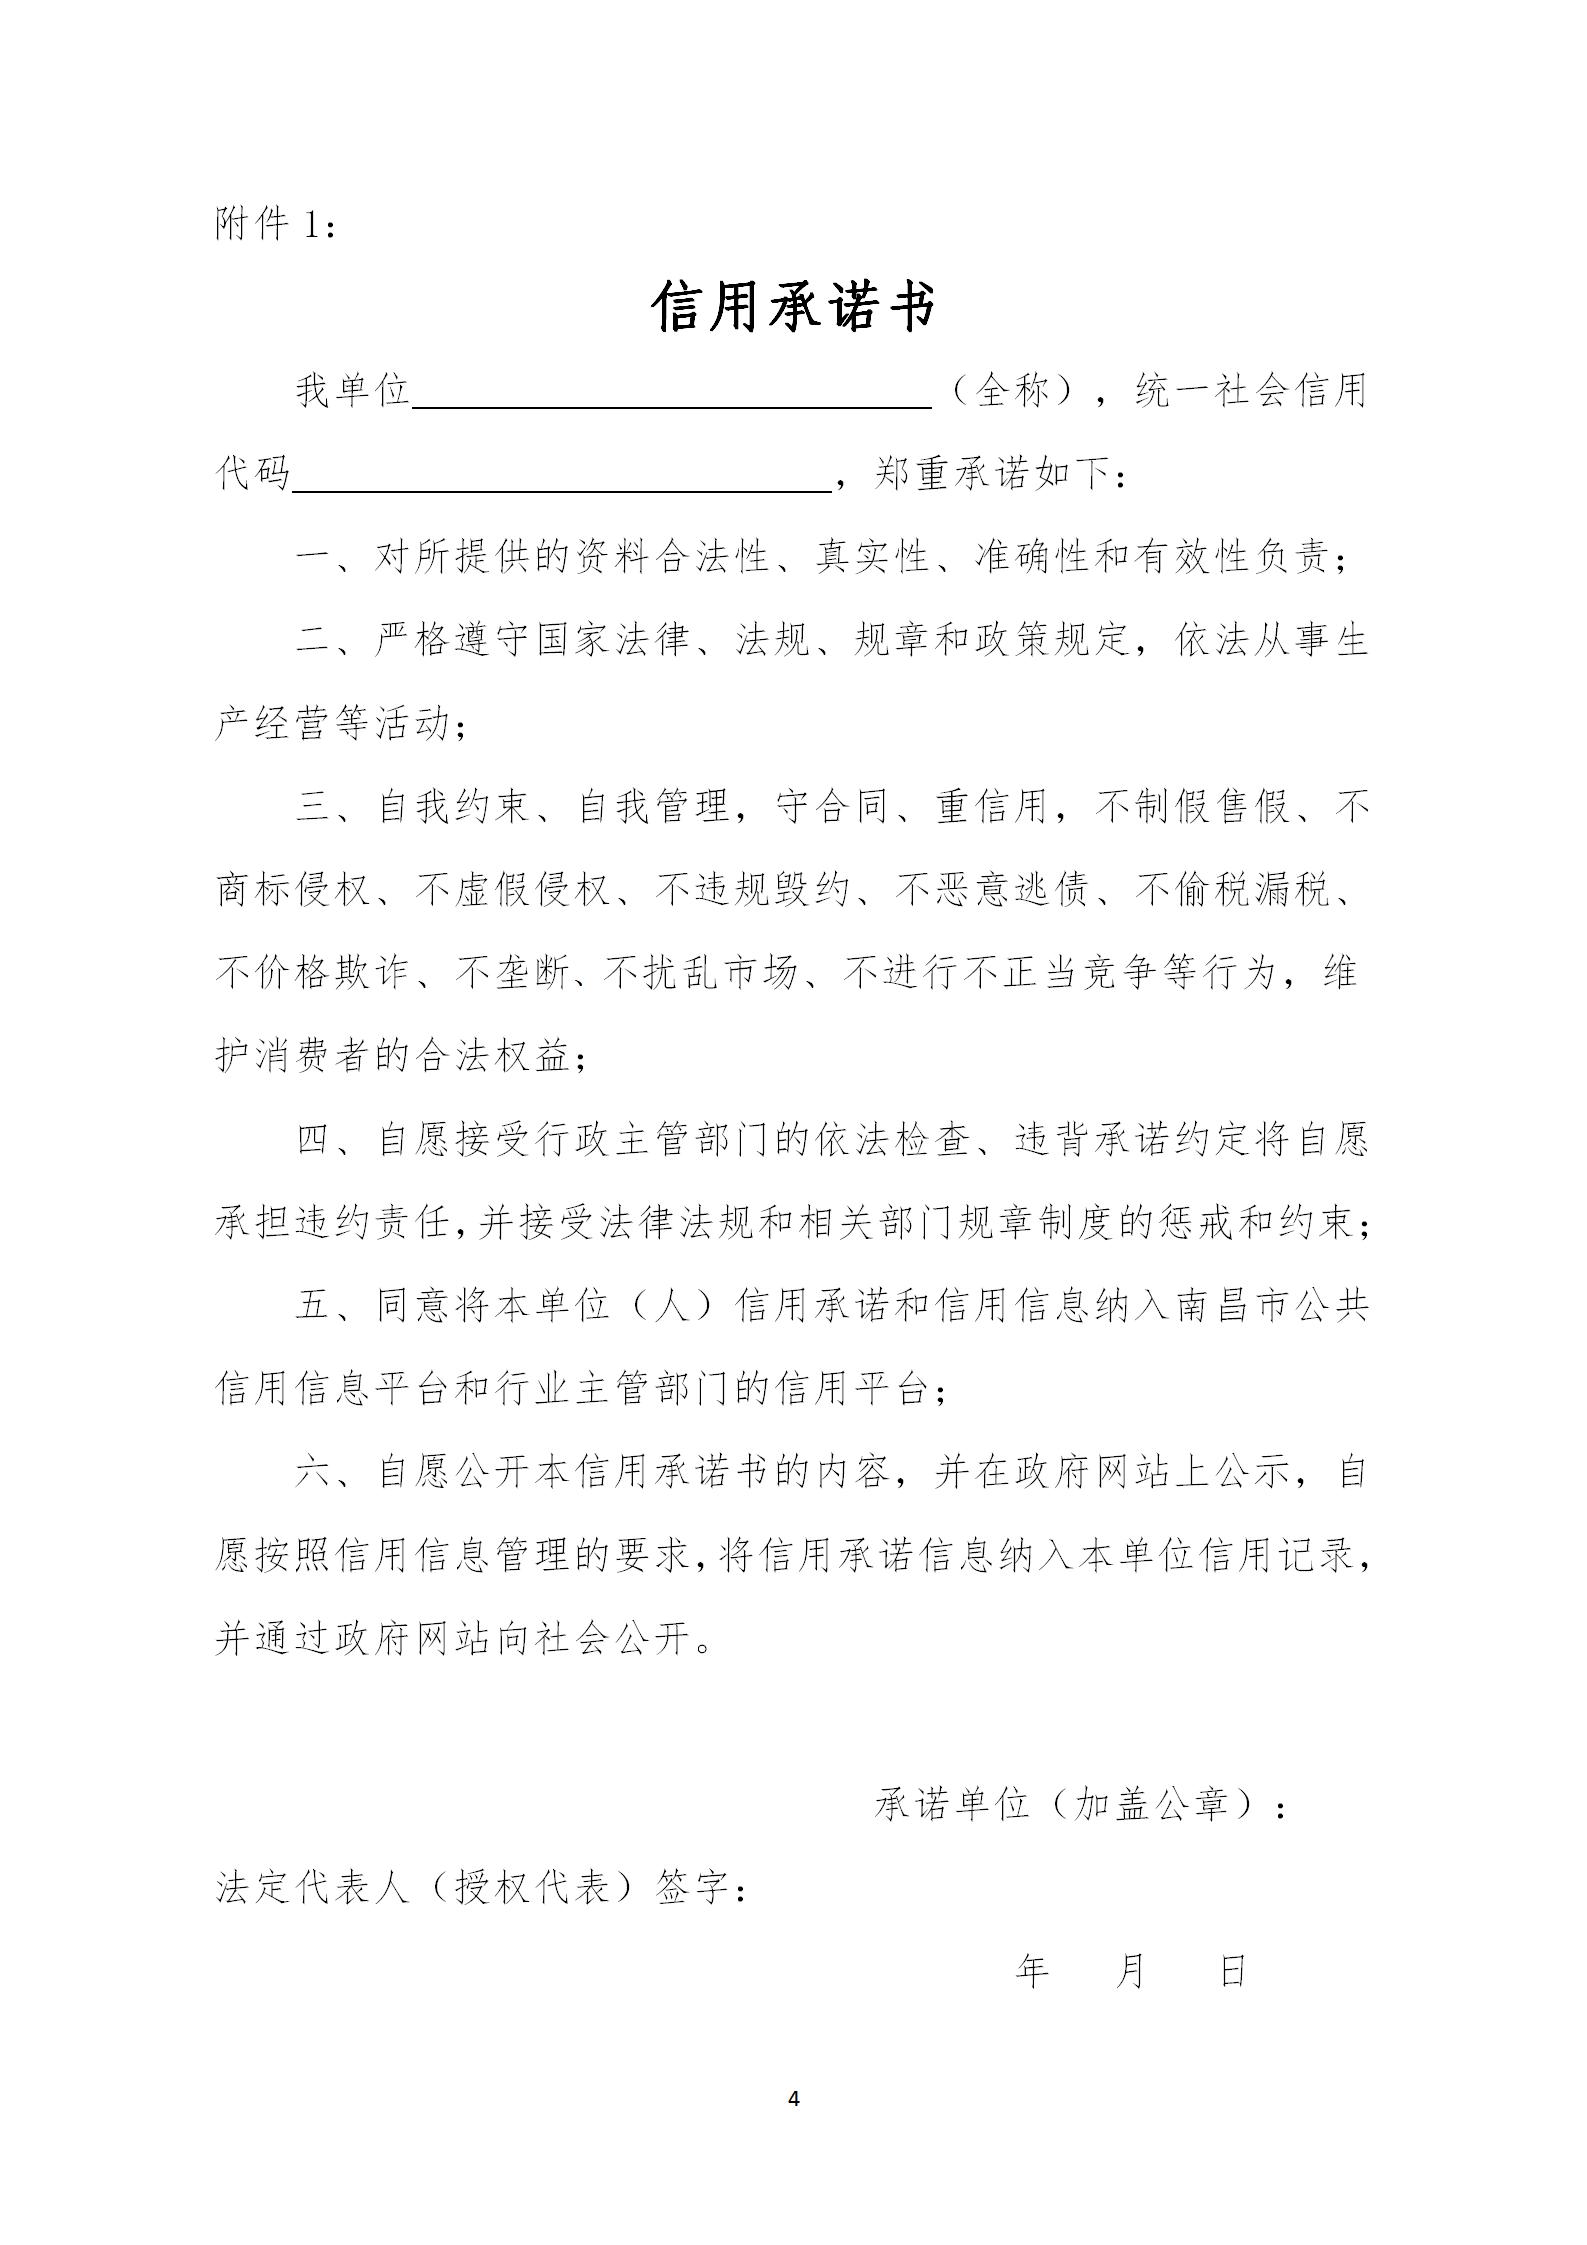 洪物协字[2020]19号关于在物业行业开展信用承诺工作的通知_04.png